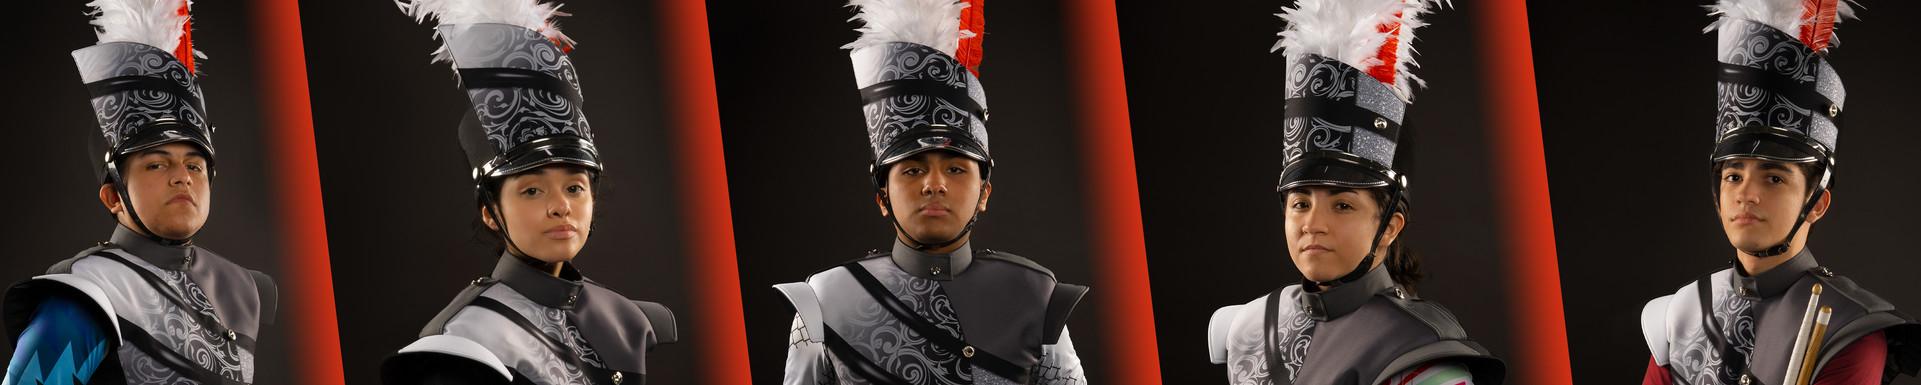 Competition Uniform